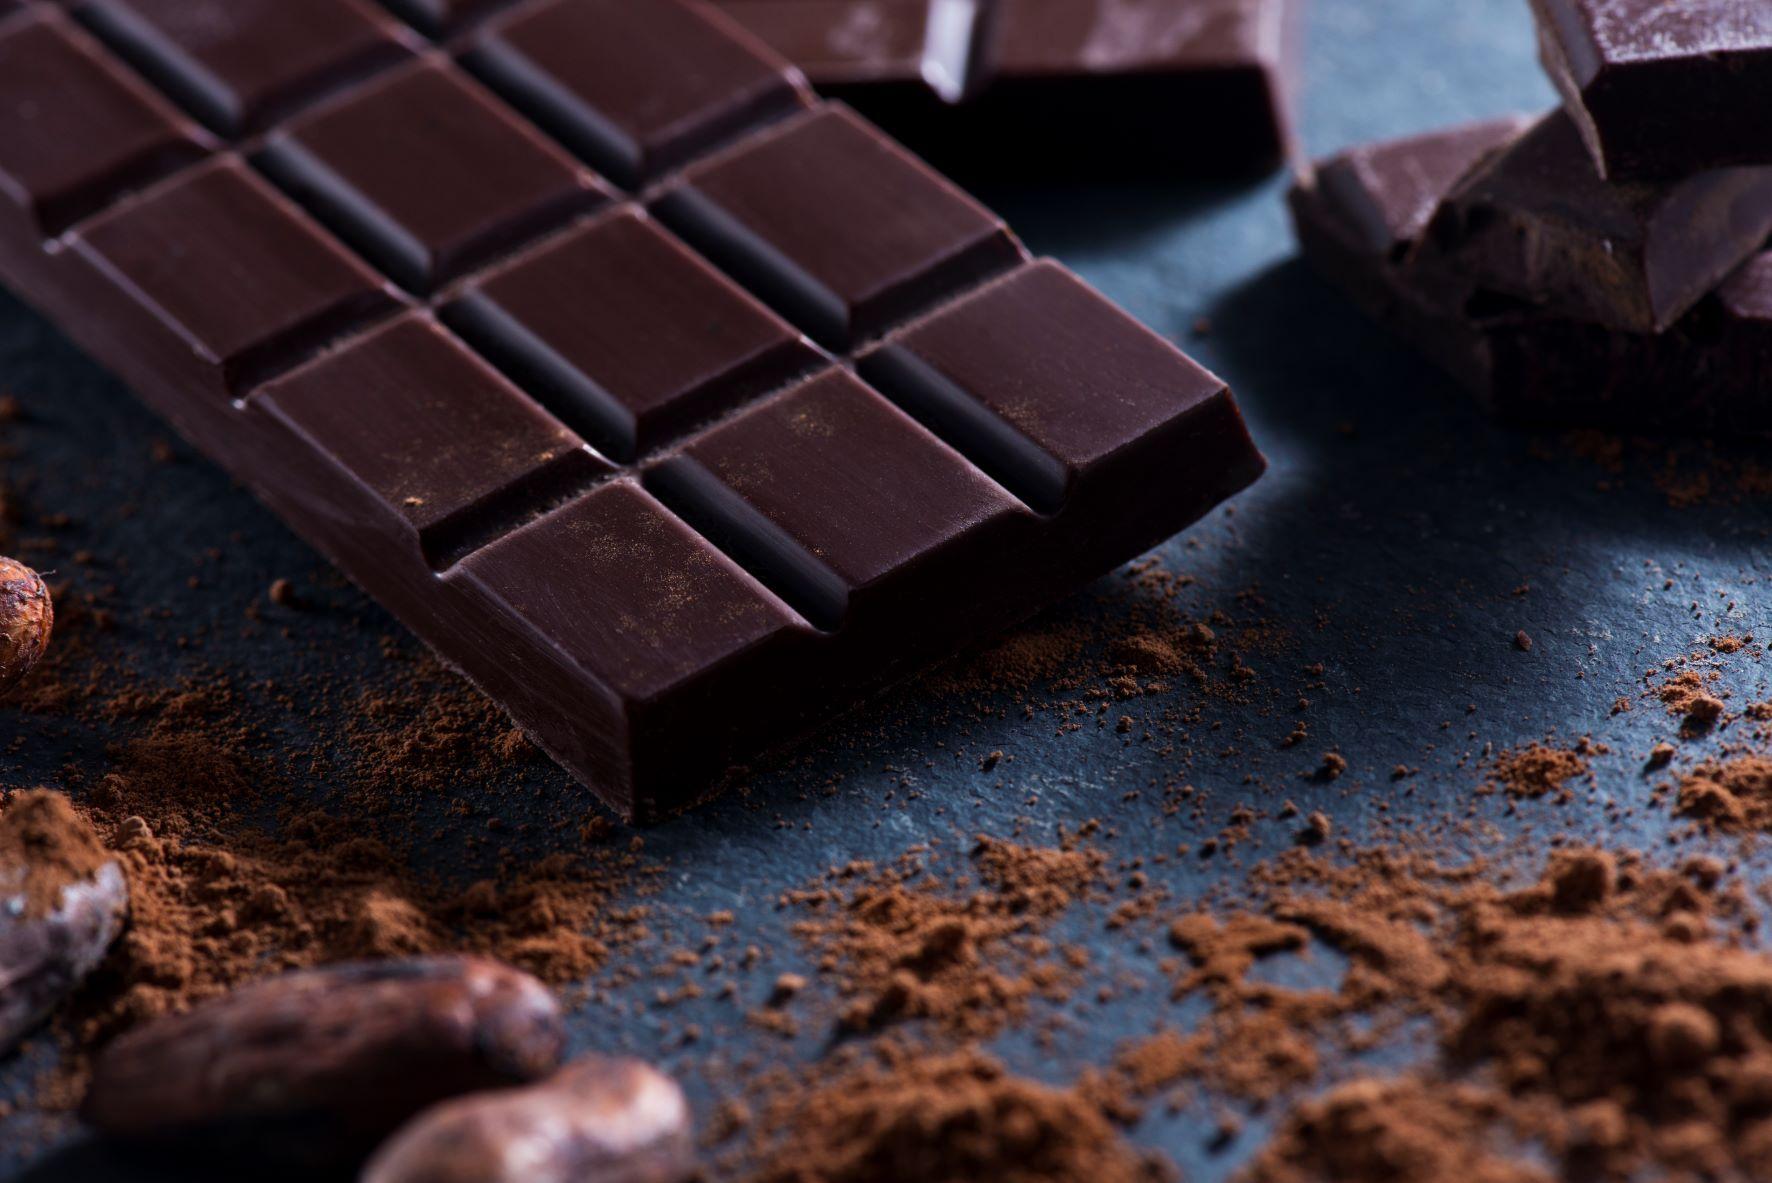 Pacari recuerda los beneficios de un buen cacao